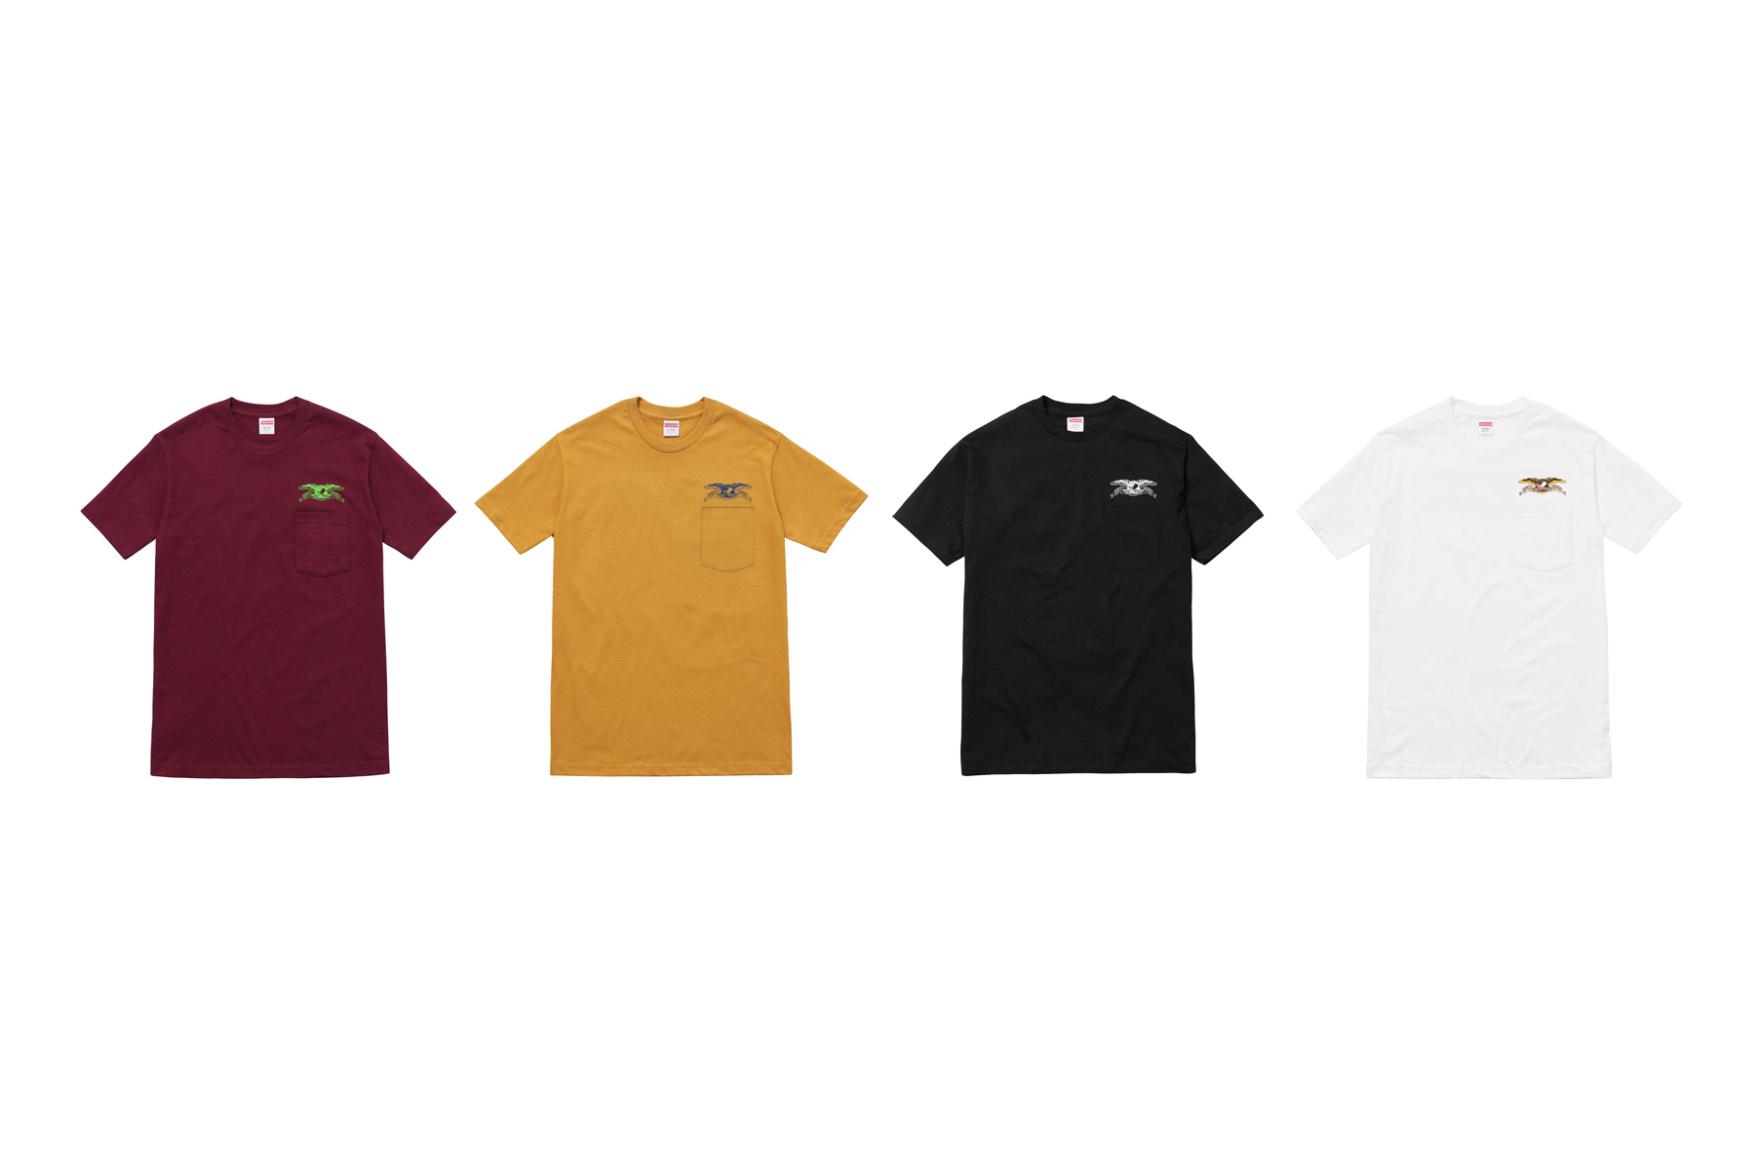 La collection Supreme x ANTI HERO de 2016